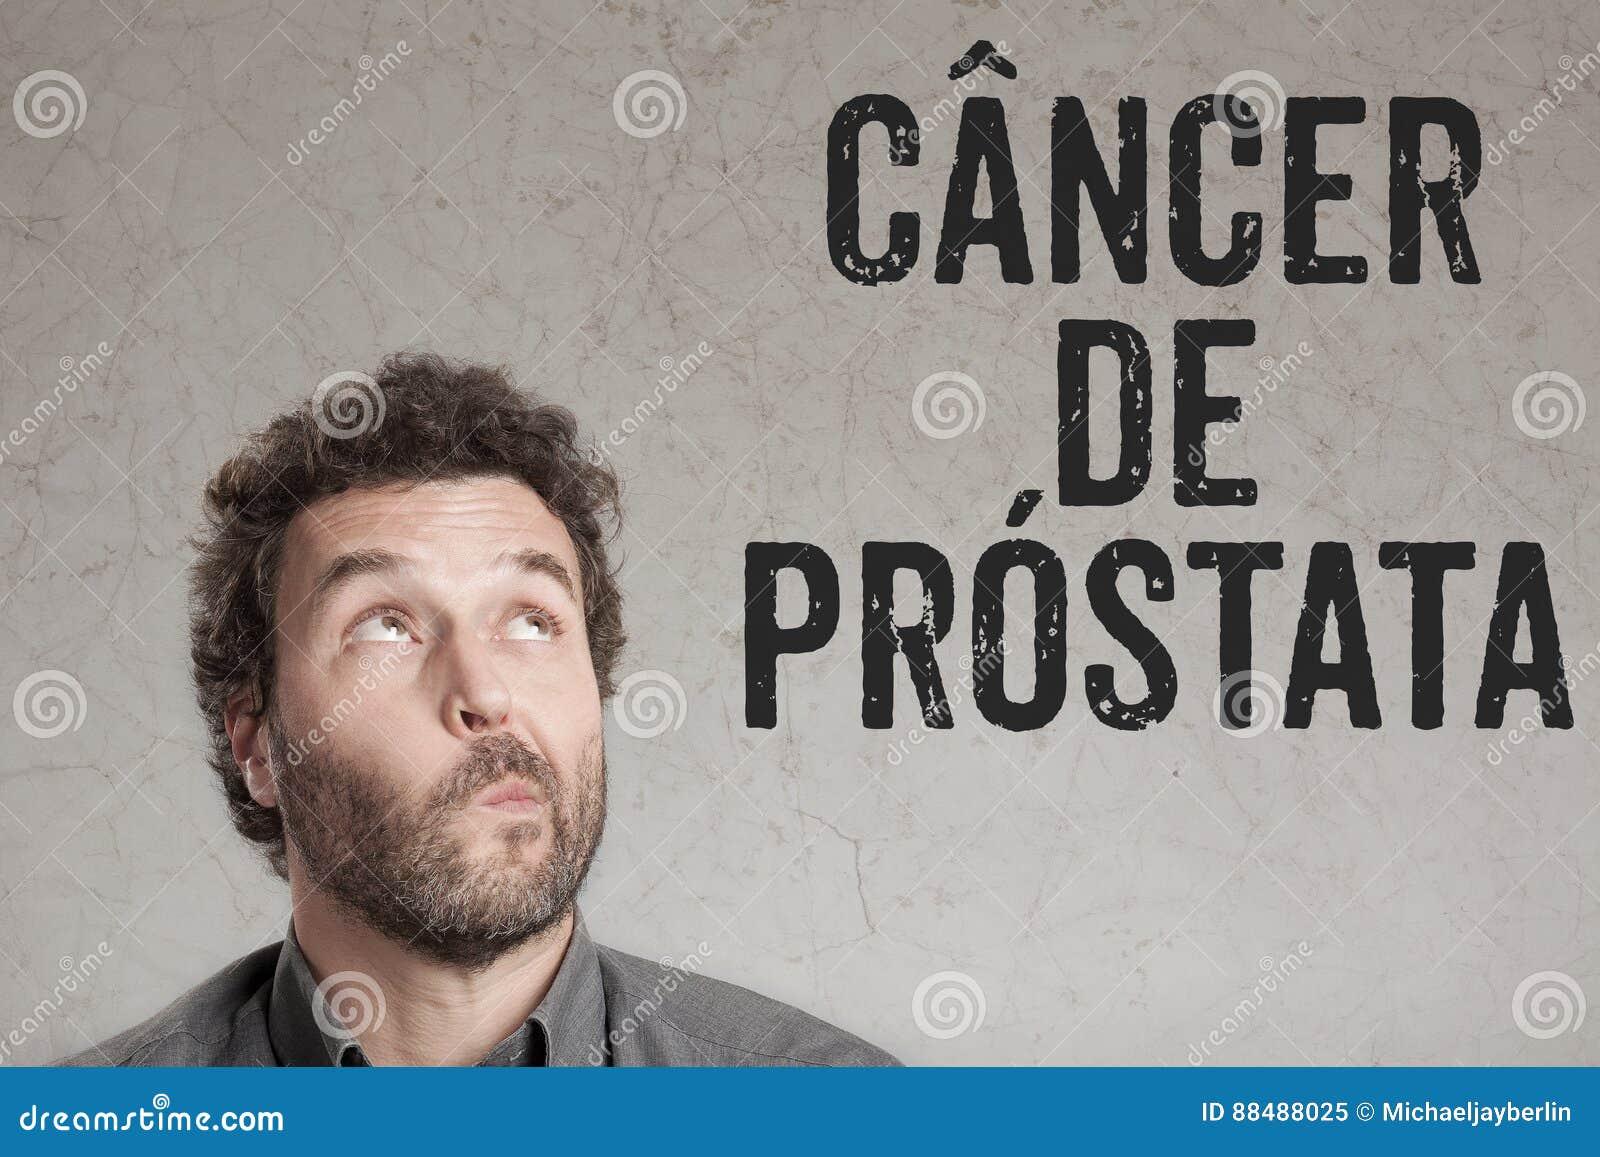 cáncer de próstata srta